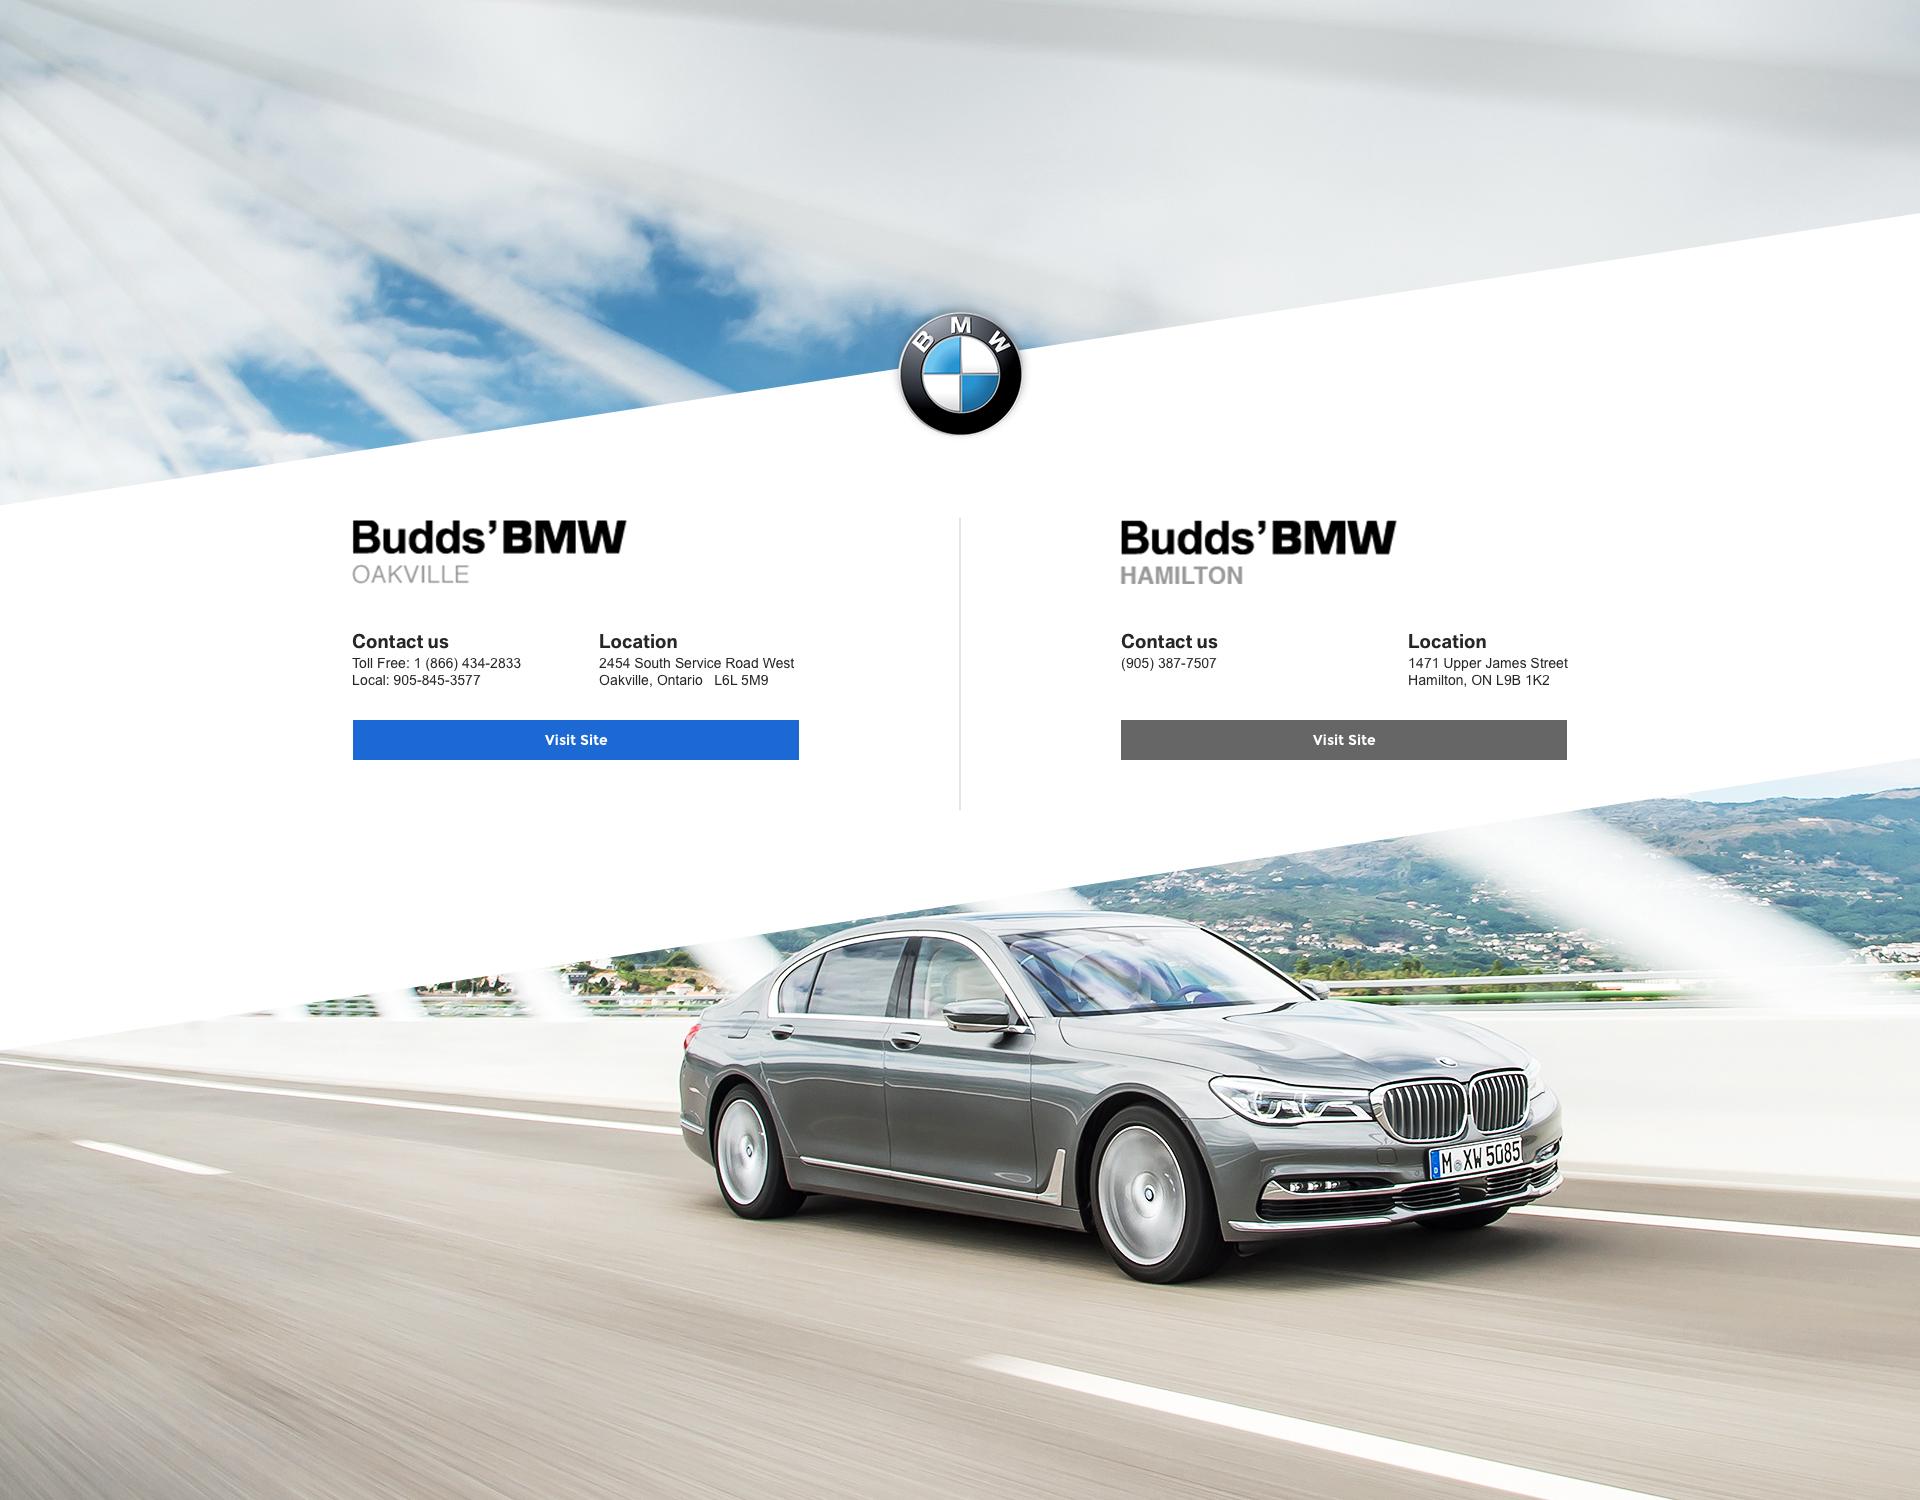 Budds'BMW